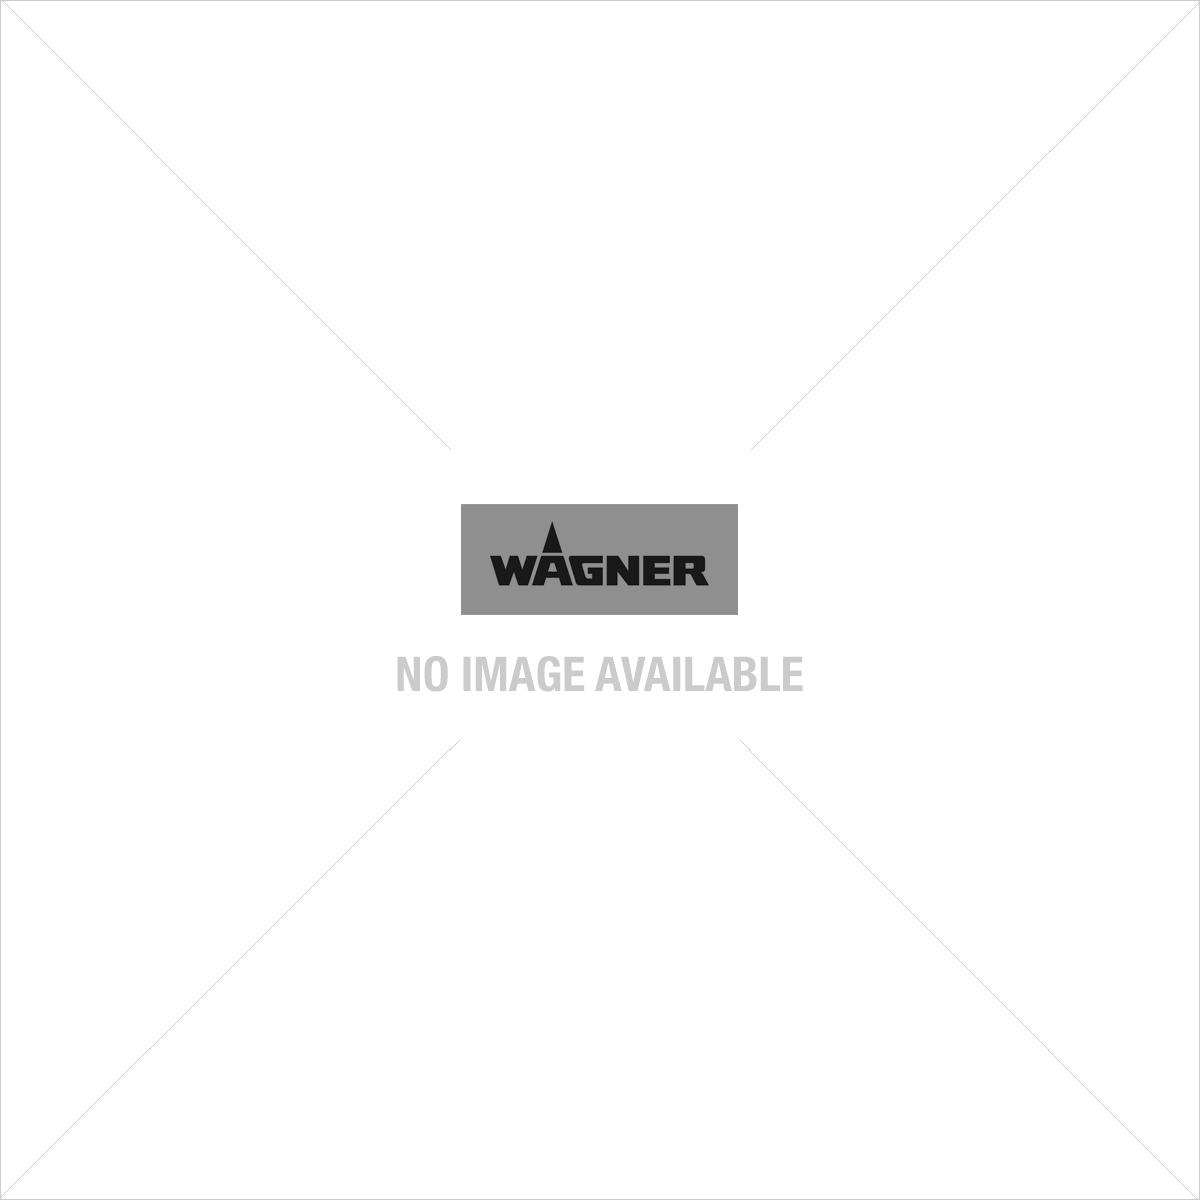 Wagner HVLP 60 cm nozzle extension attachment